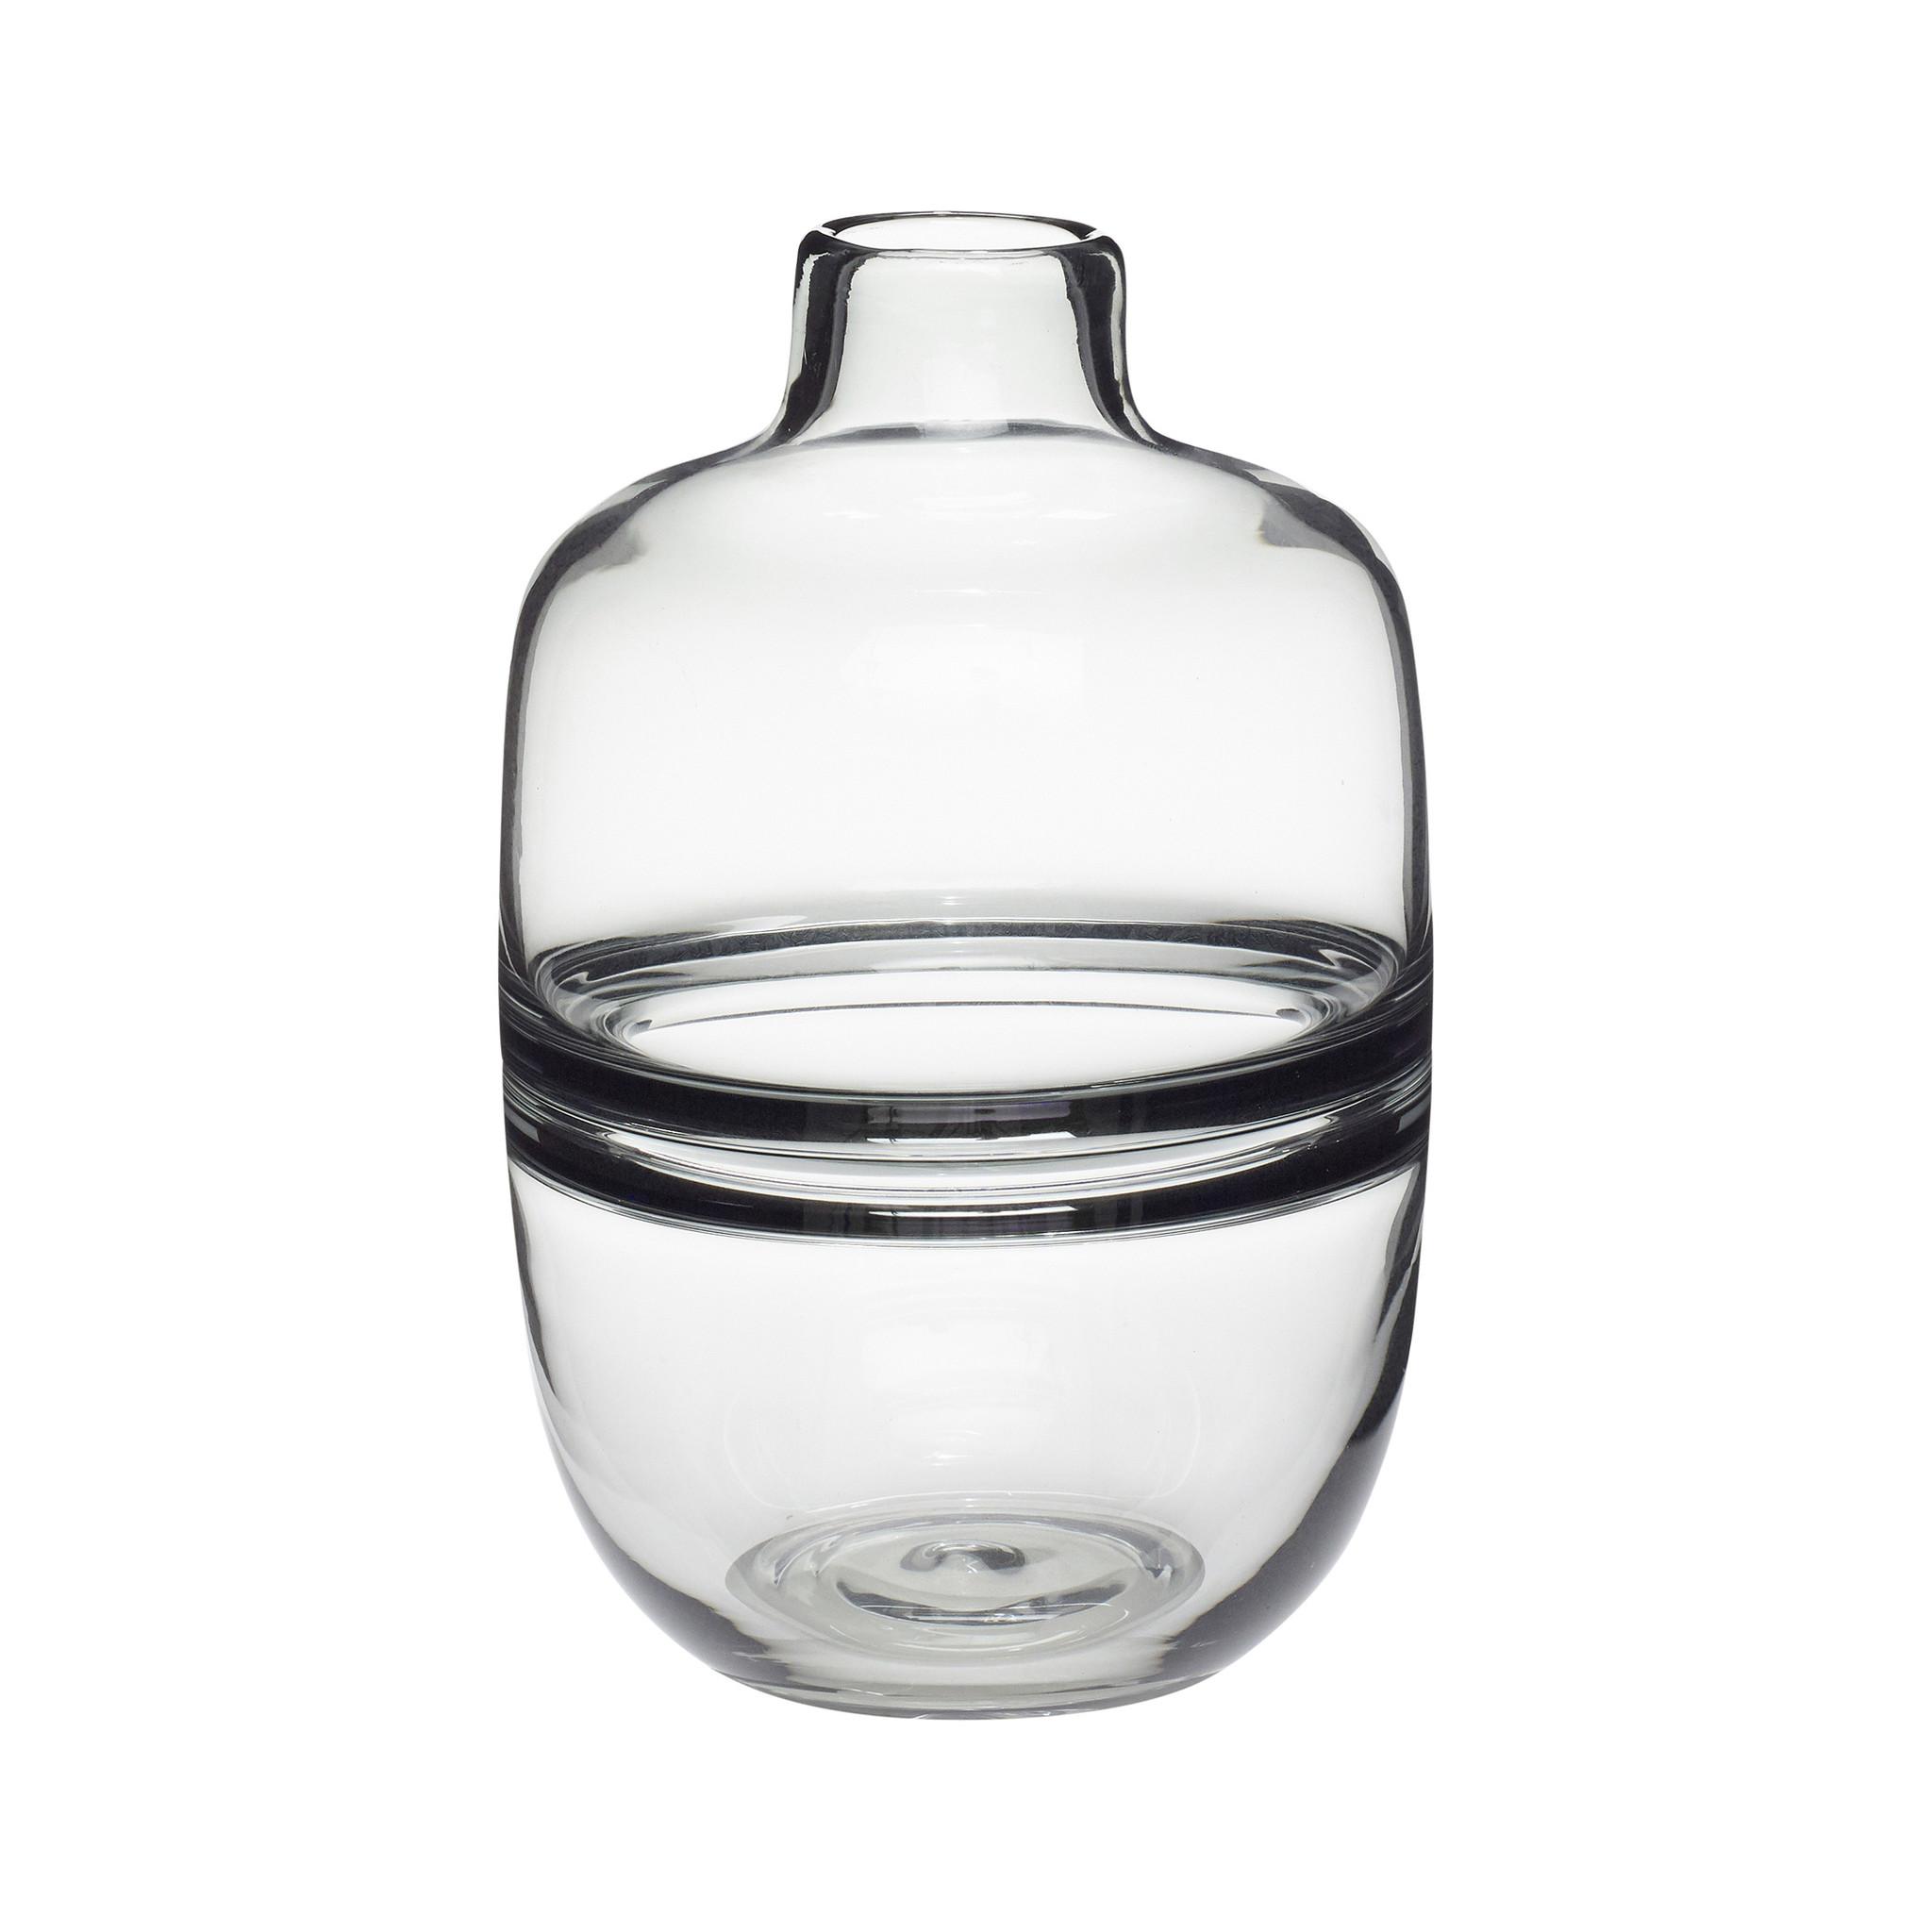 Hubsch Vaas, glas, gerookt-660802-5712772056486